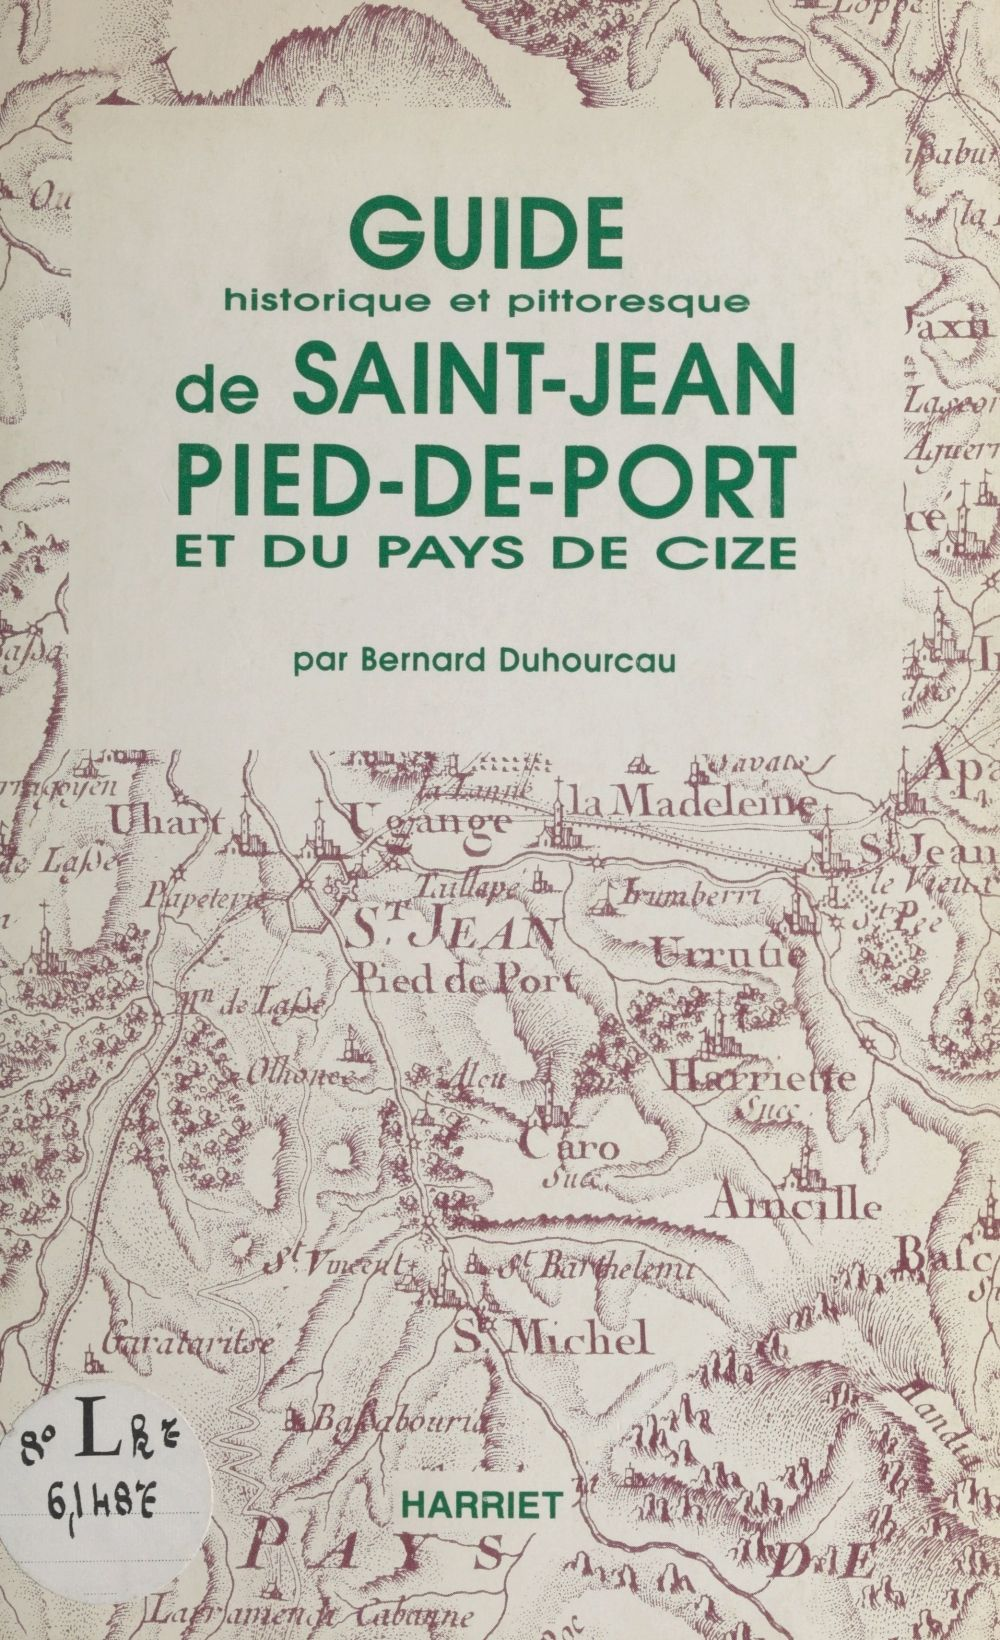 Bernard Duhourcau Guide de Saint-Jean-Pied-de-Port et du pays de Cize